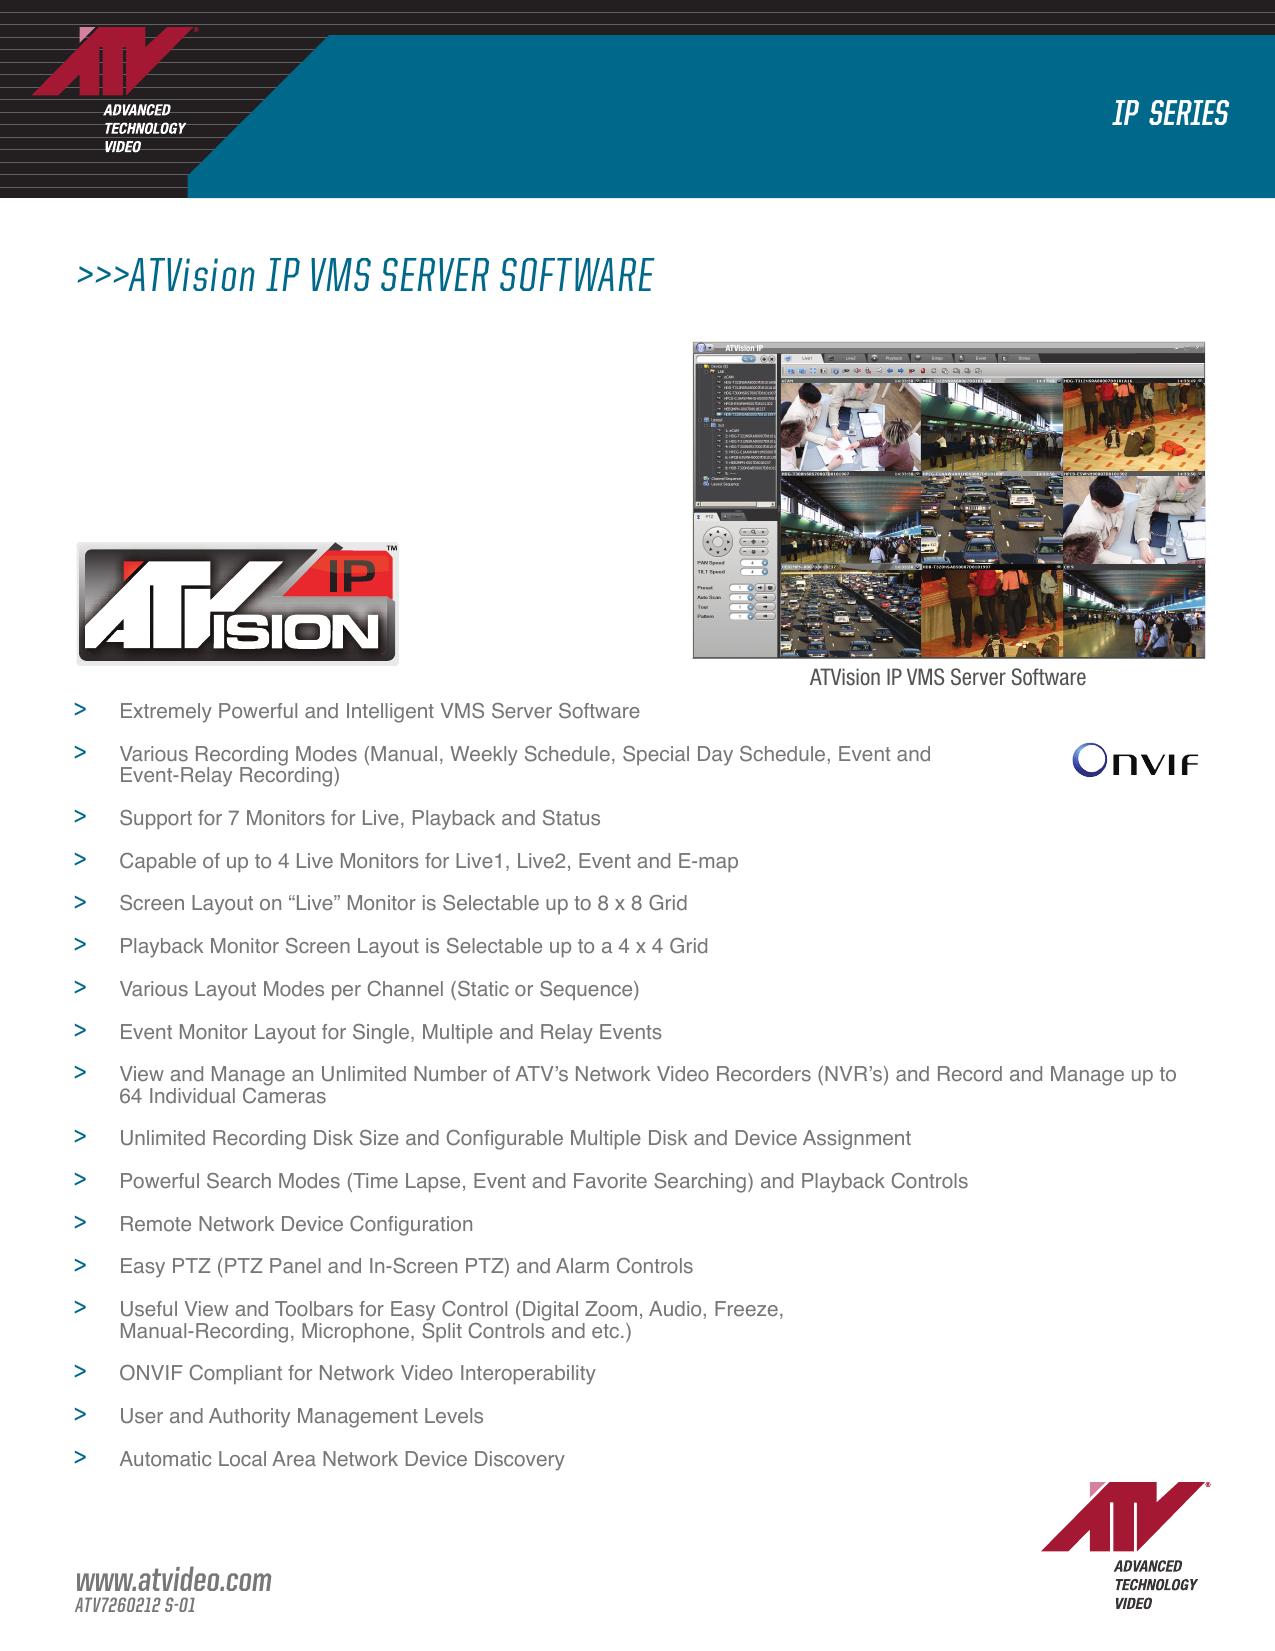 ATVision IP VMS SERVER SOFTWARE | manualzz com